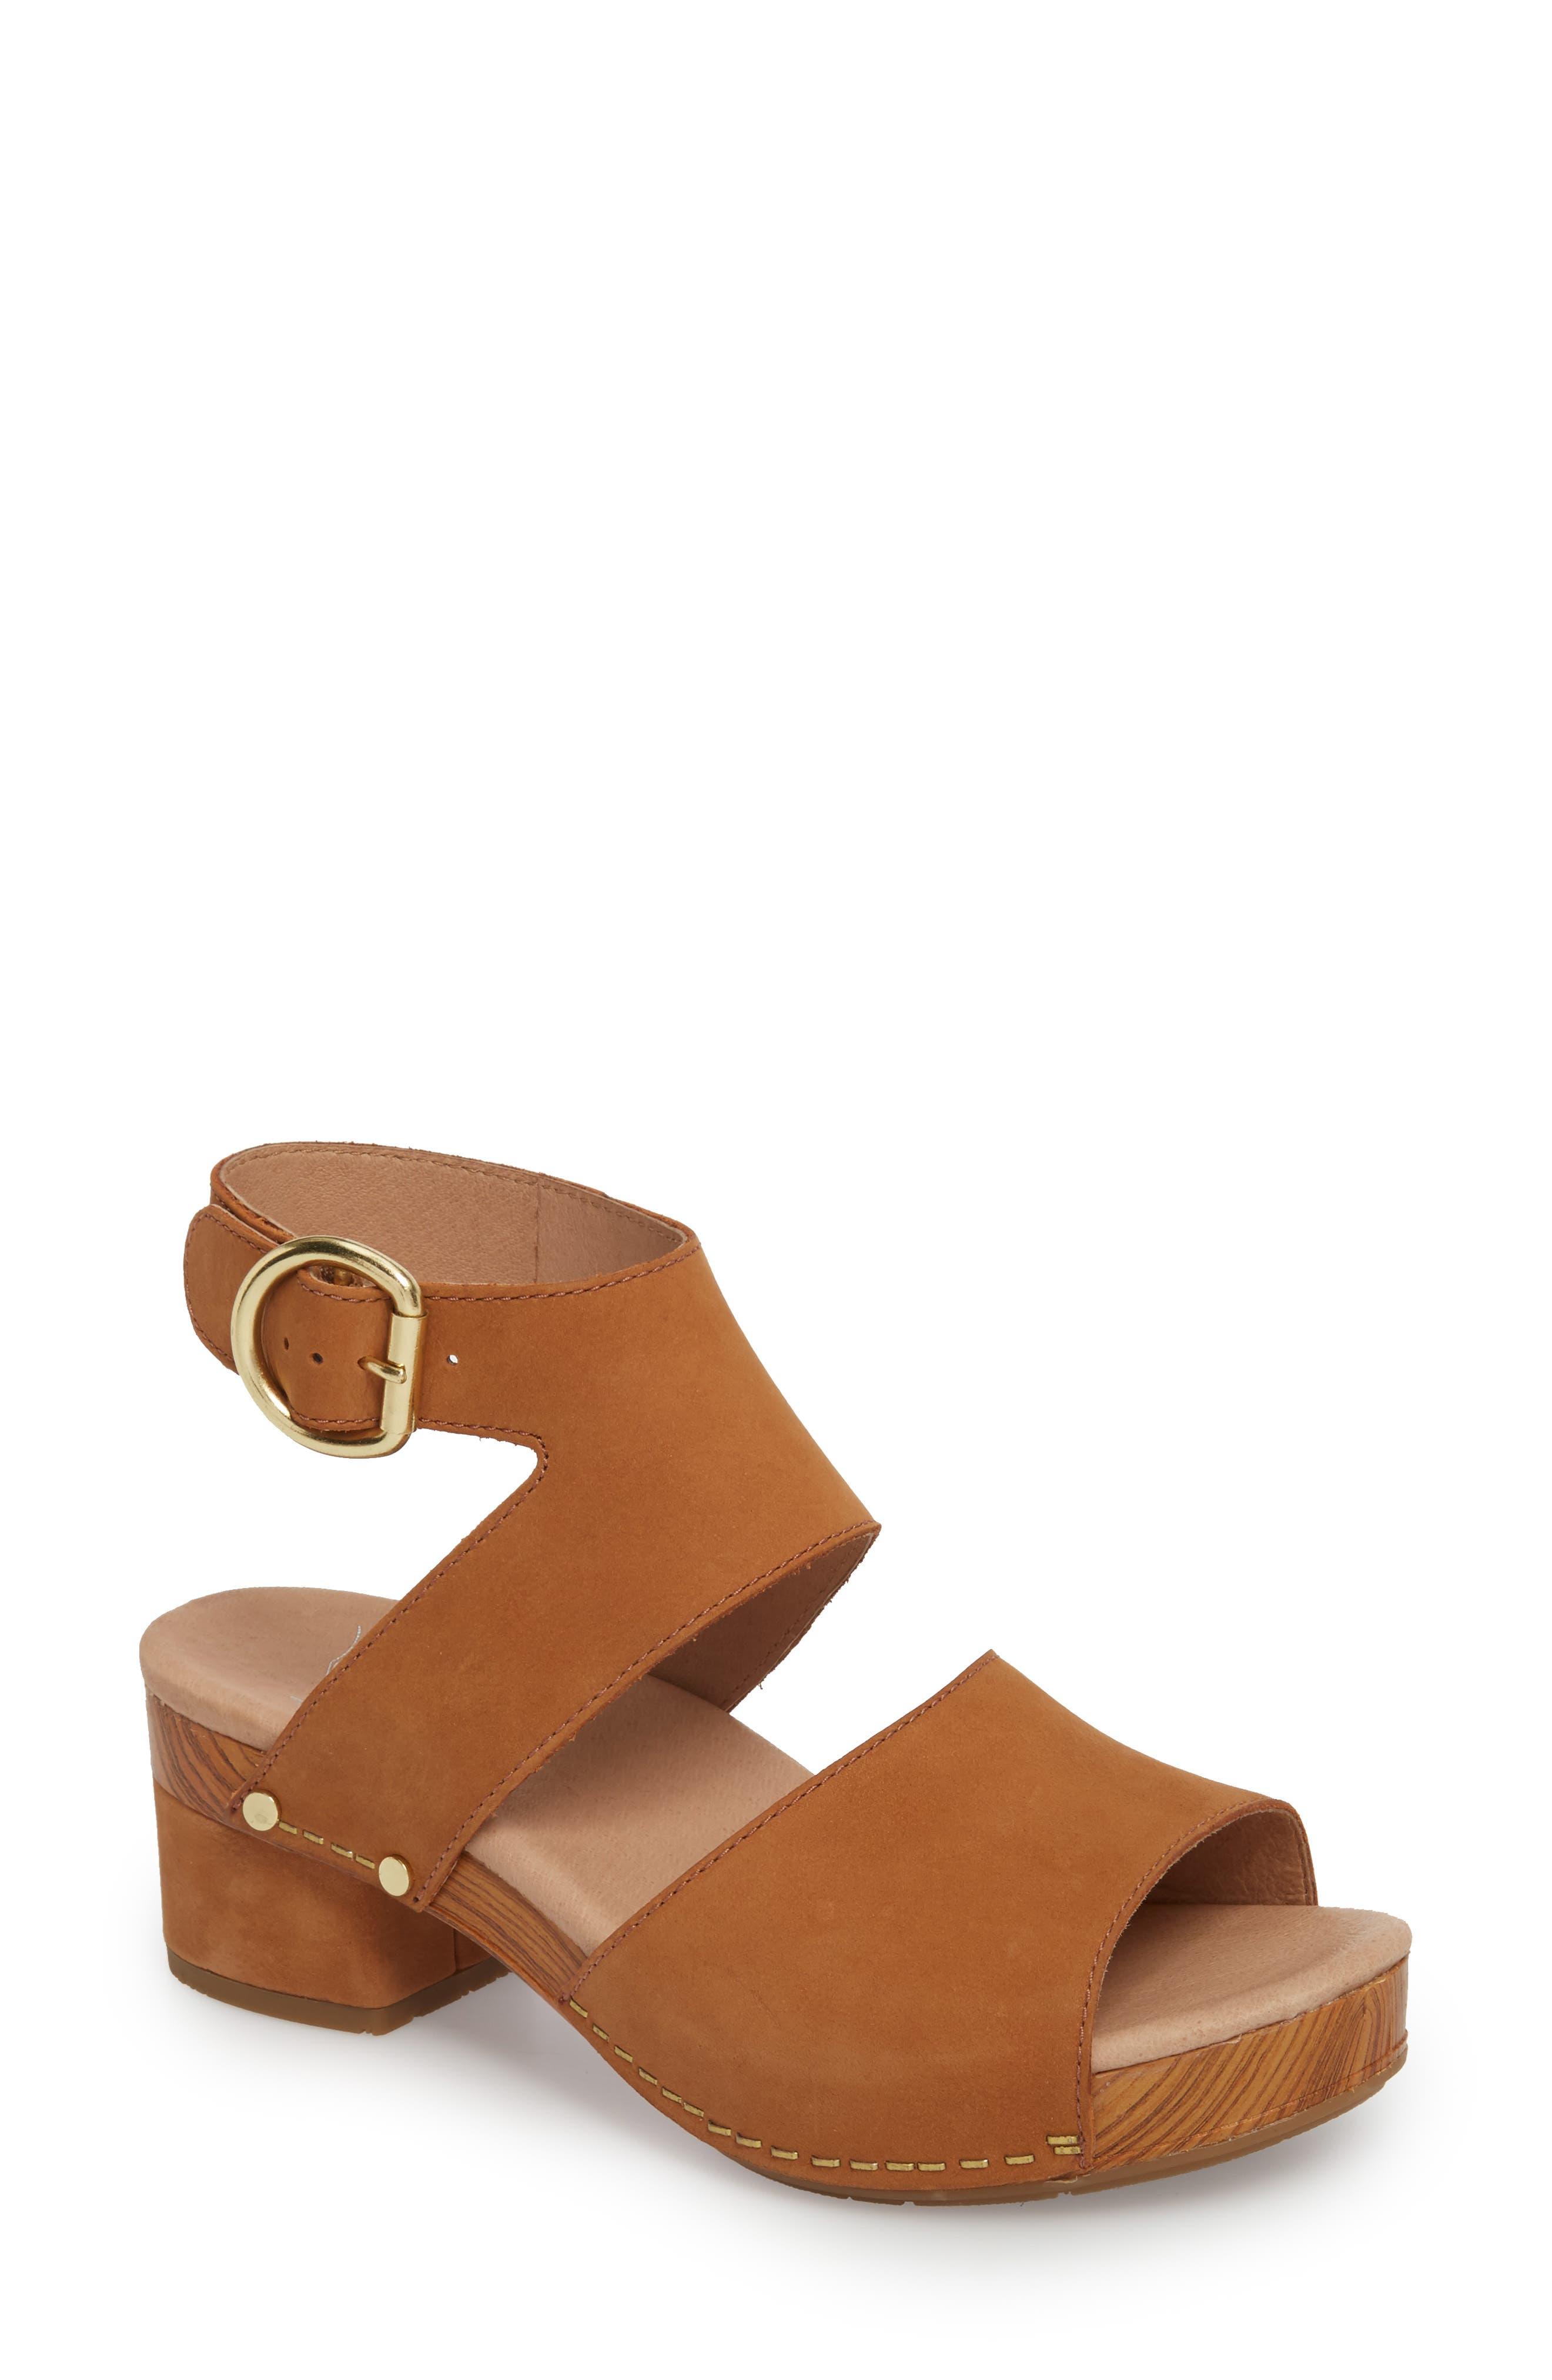 Minka Sandal,                         Main,                         color, Camel Milled Nubuck Leather